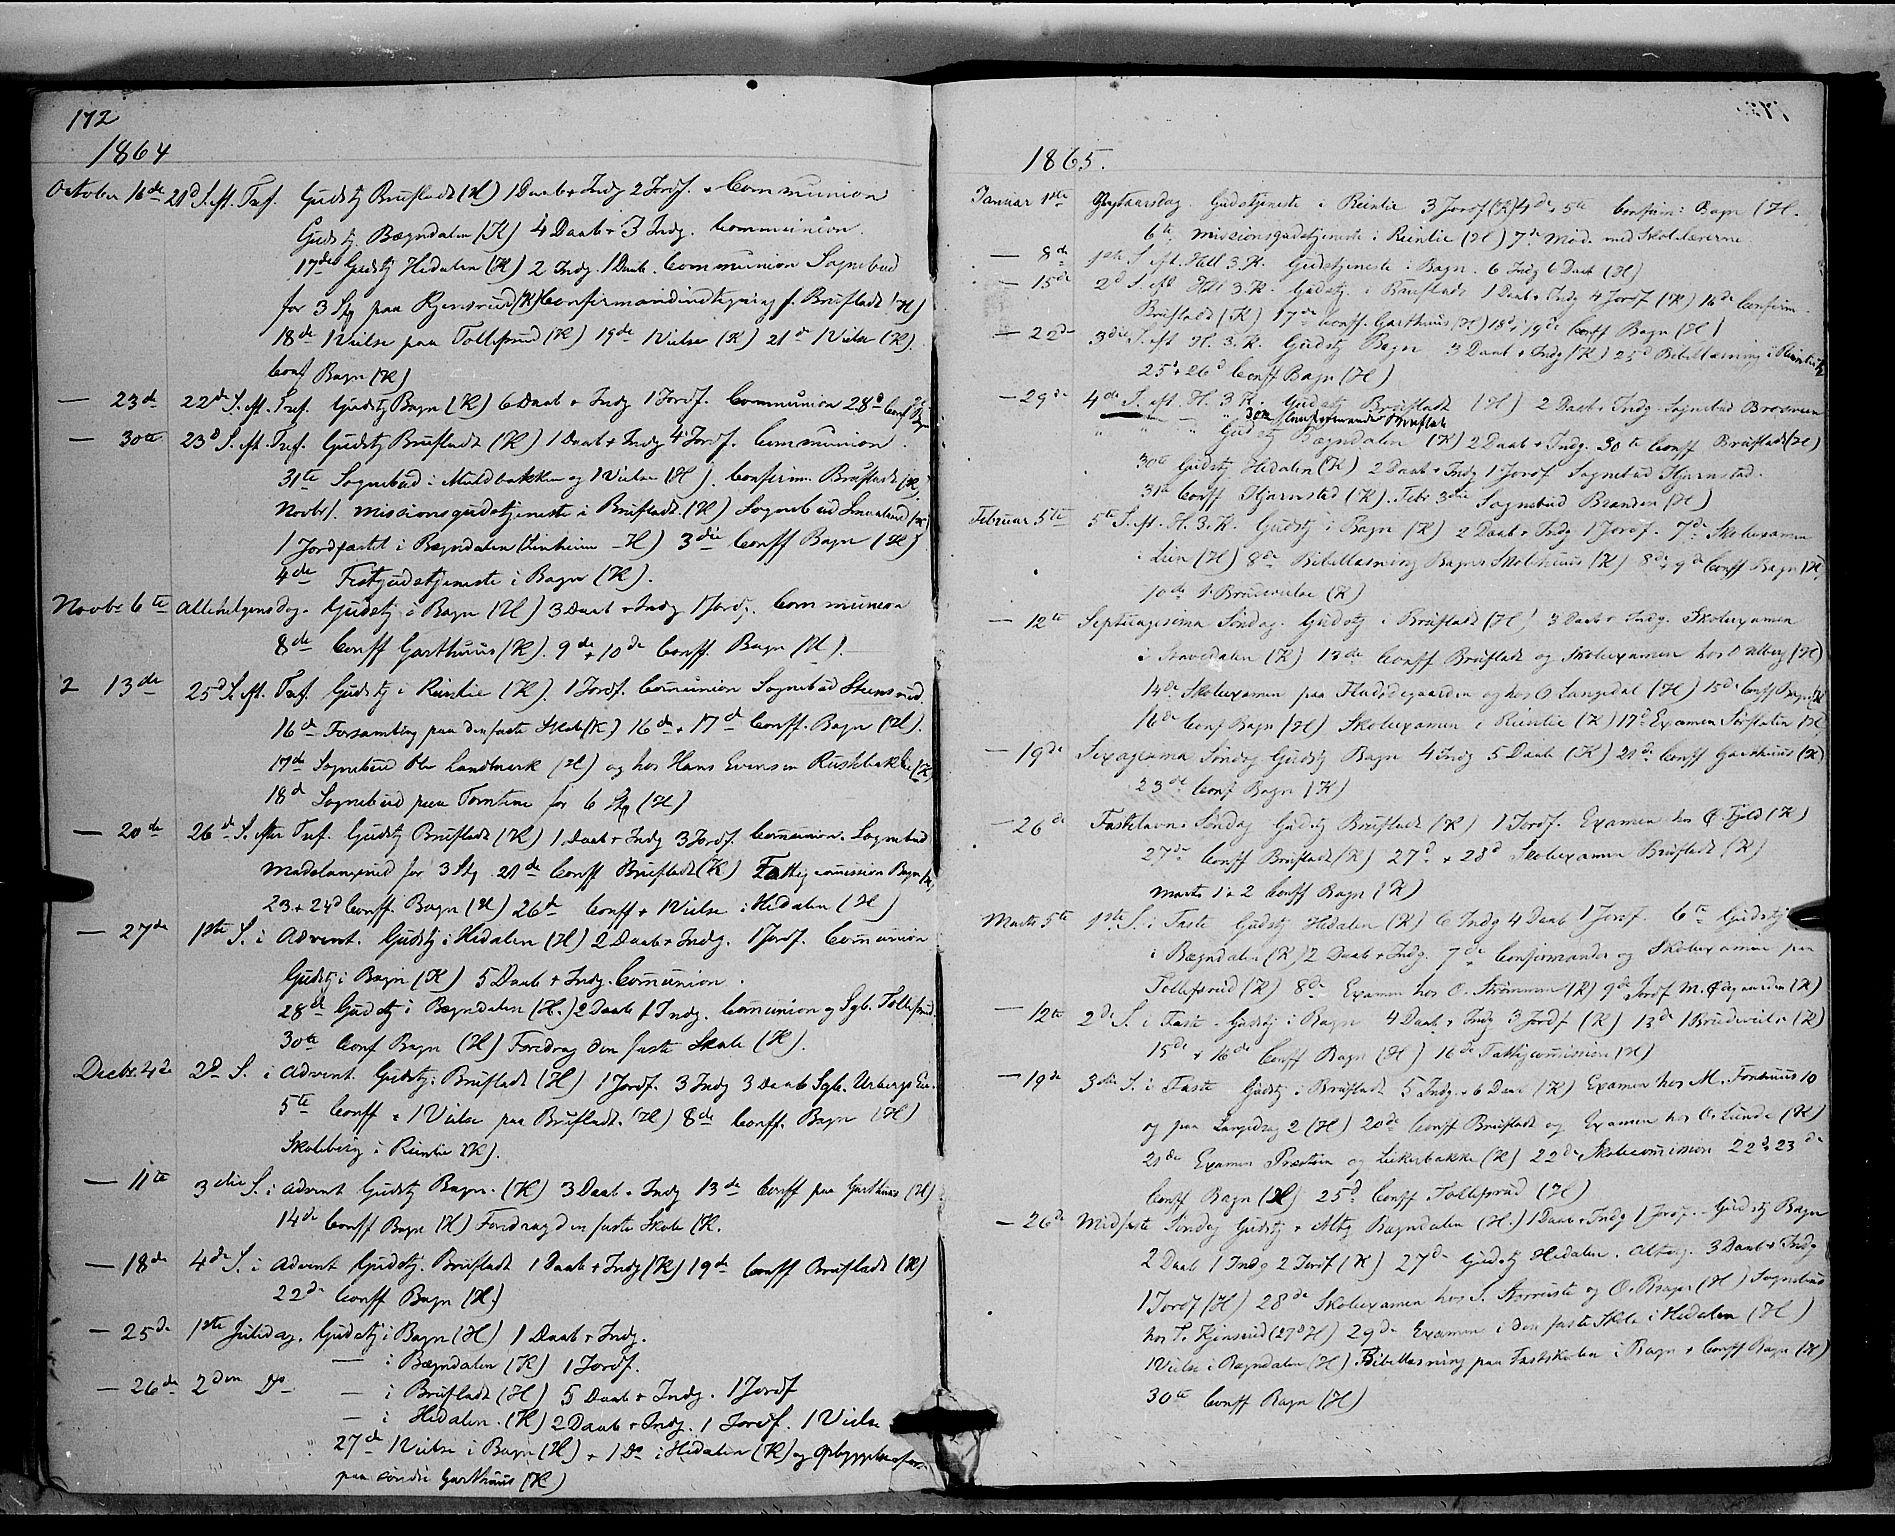 SAH, Sør-Aurdal prestekontor, Ministerialbok nr. 6, 1849-1876, s. 172